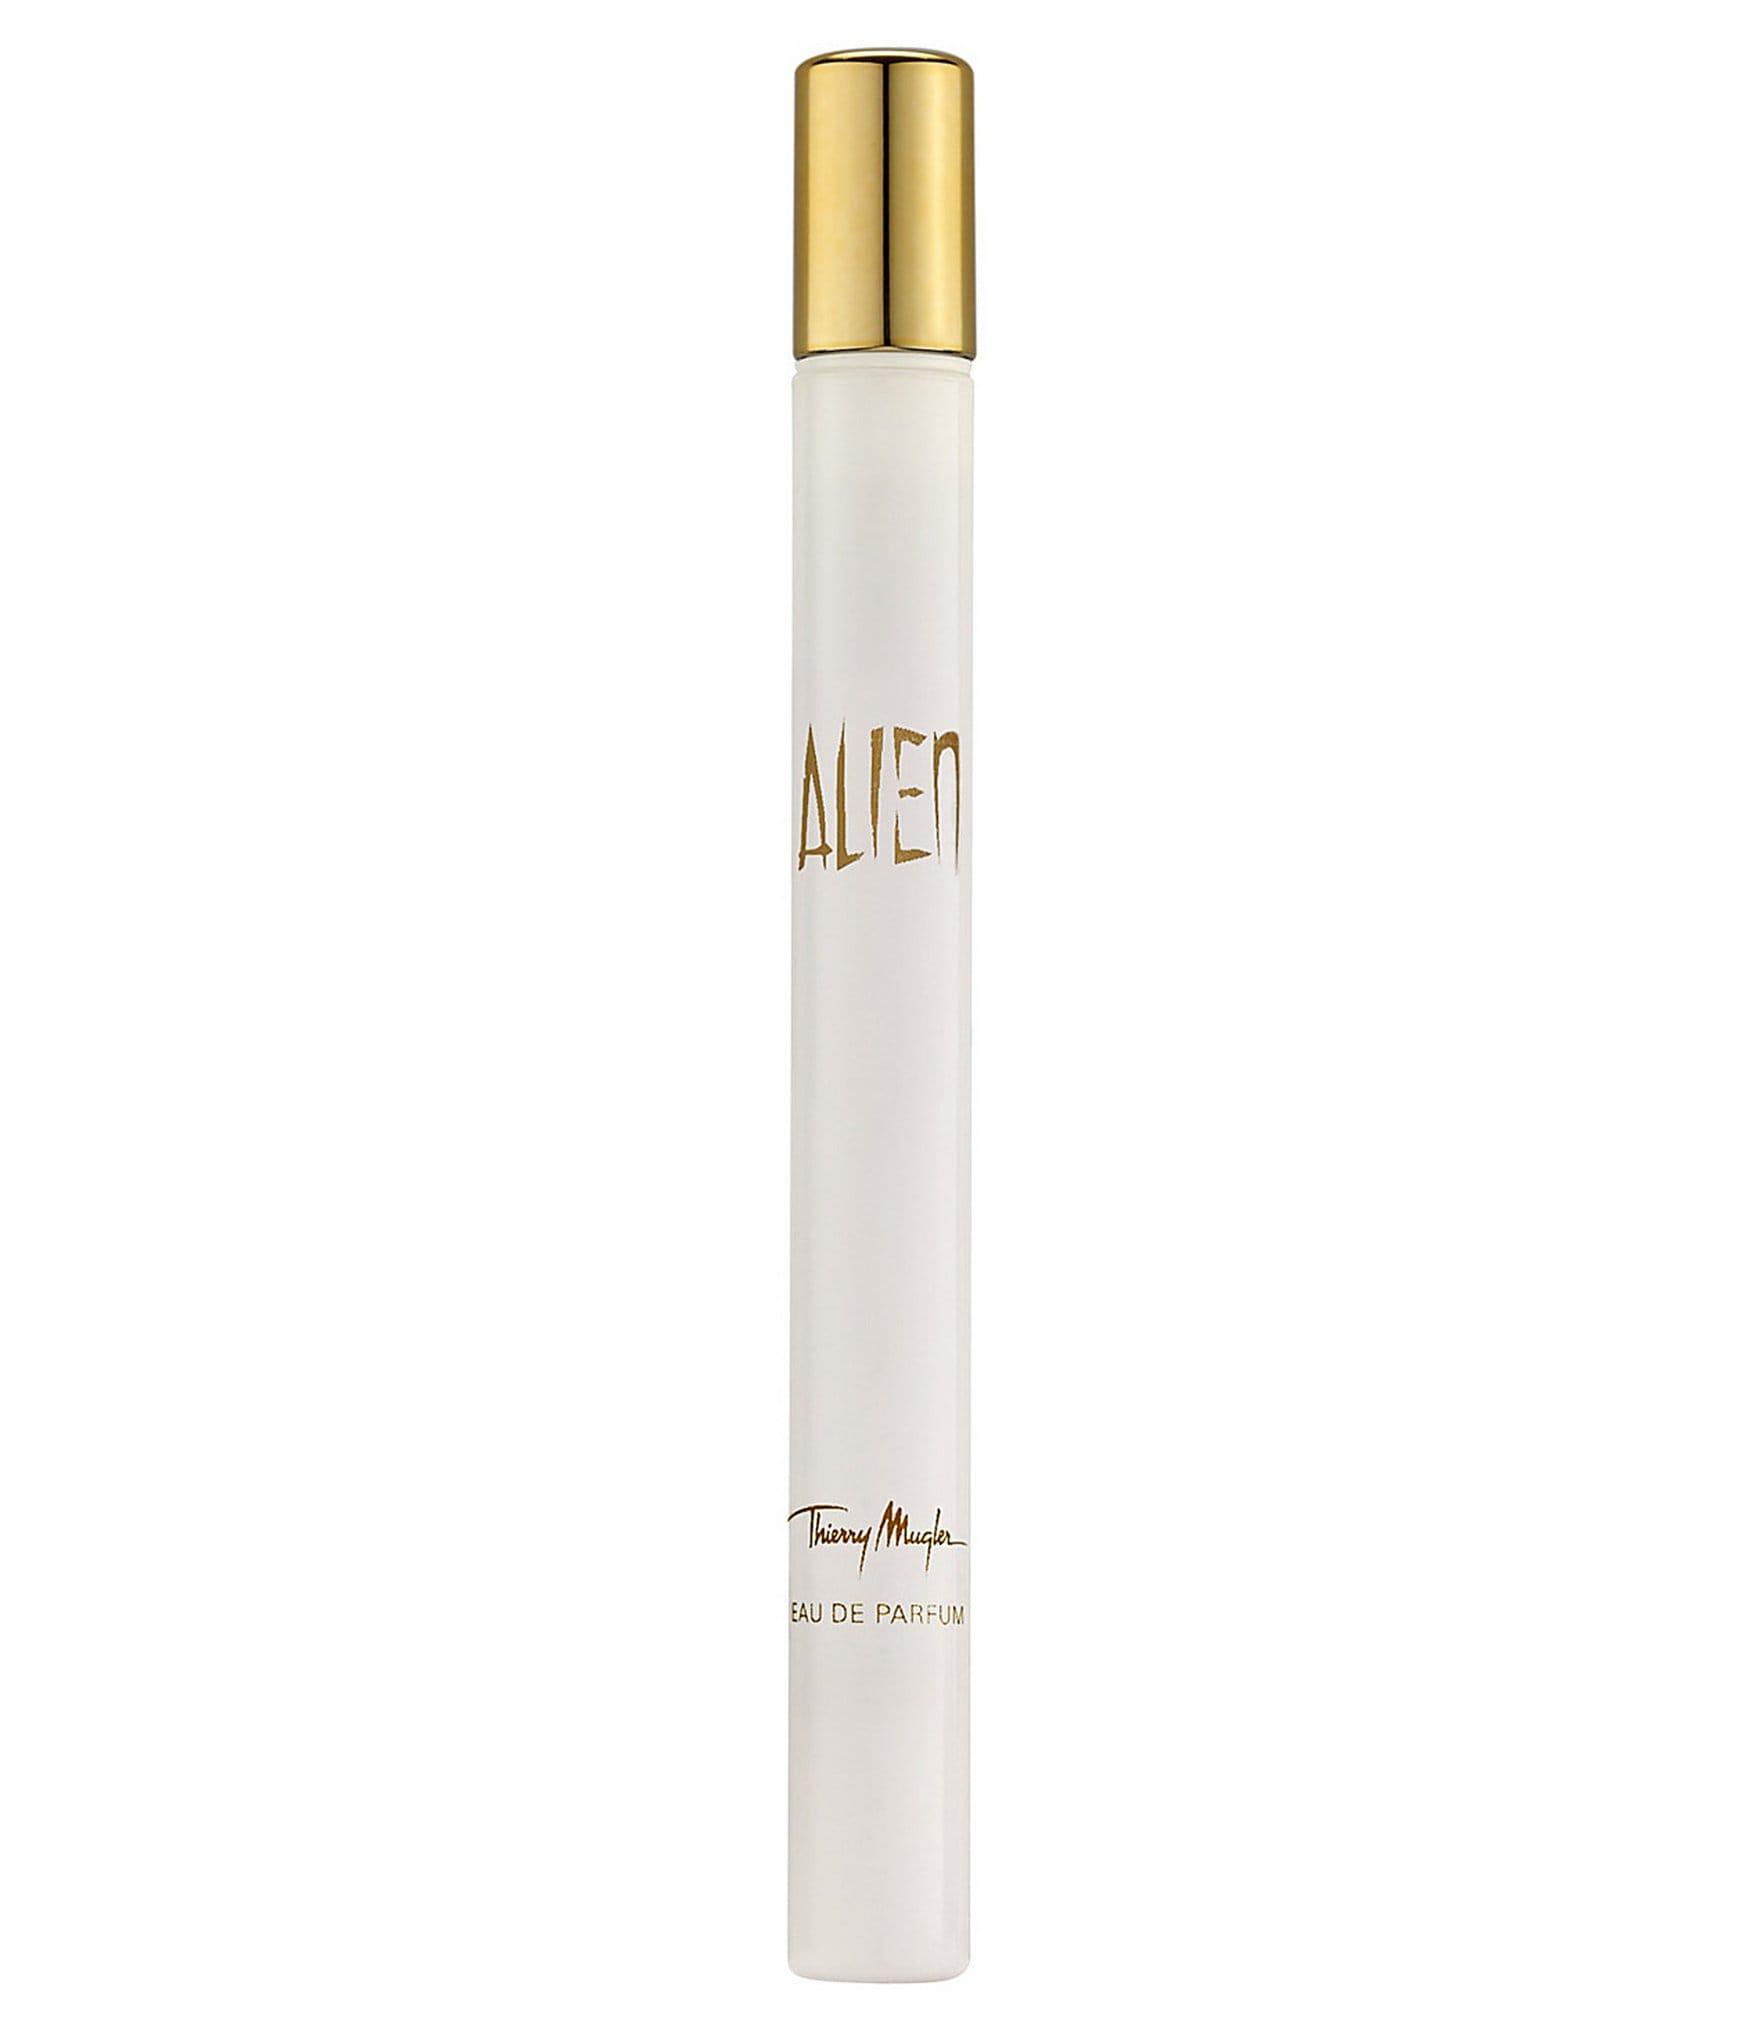 Thierry mugler alien eau de parfum rollerball dillards for Miroir des envies thierry mugler